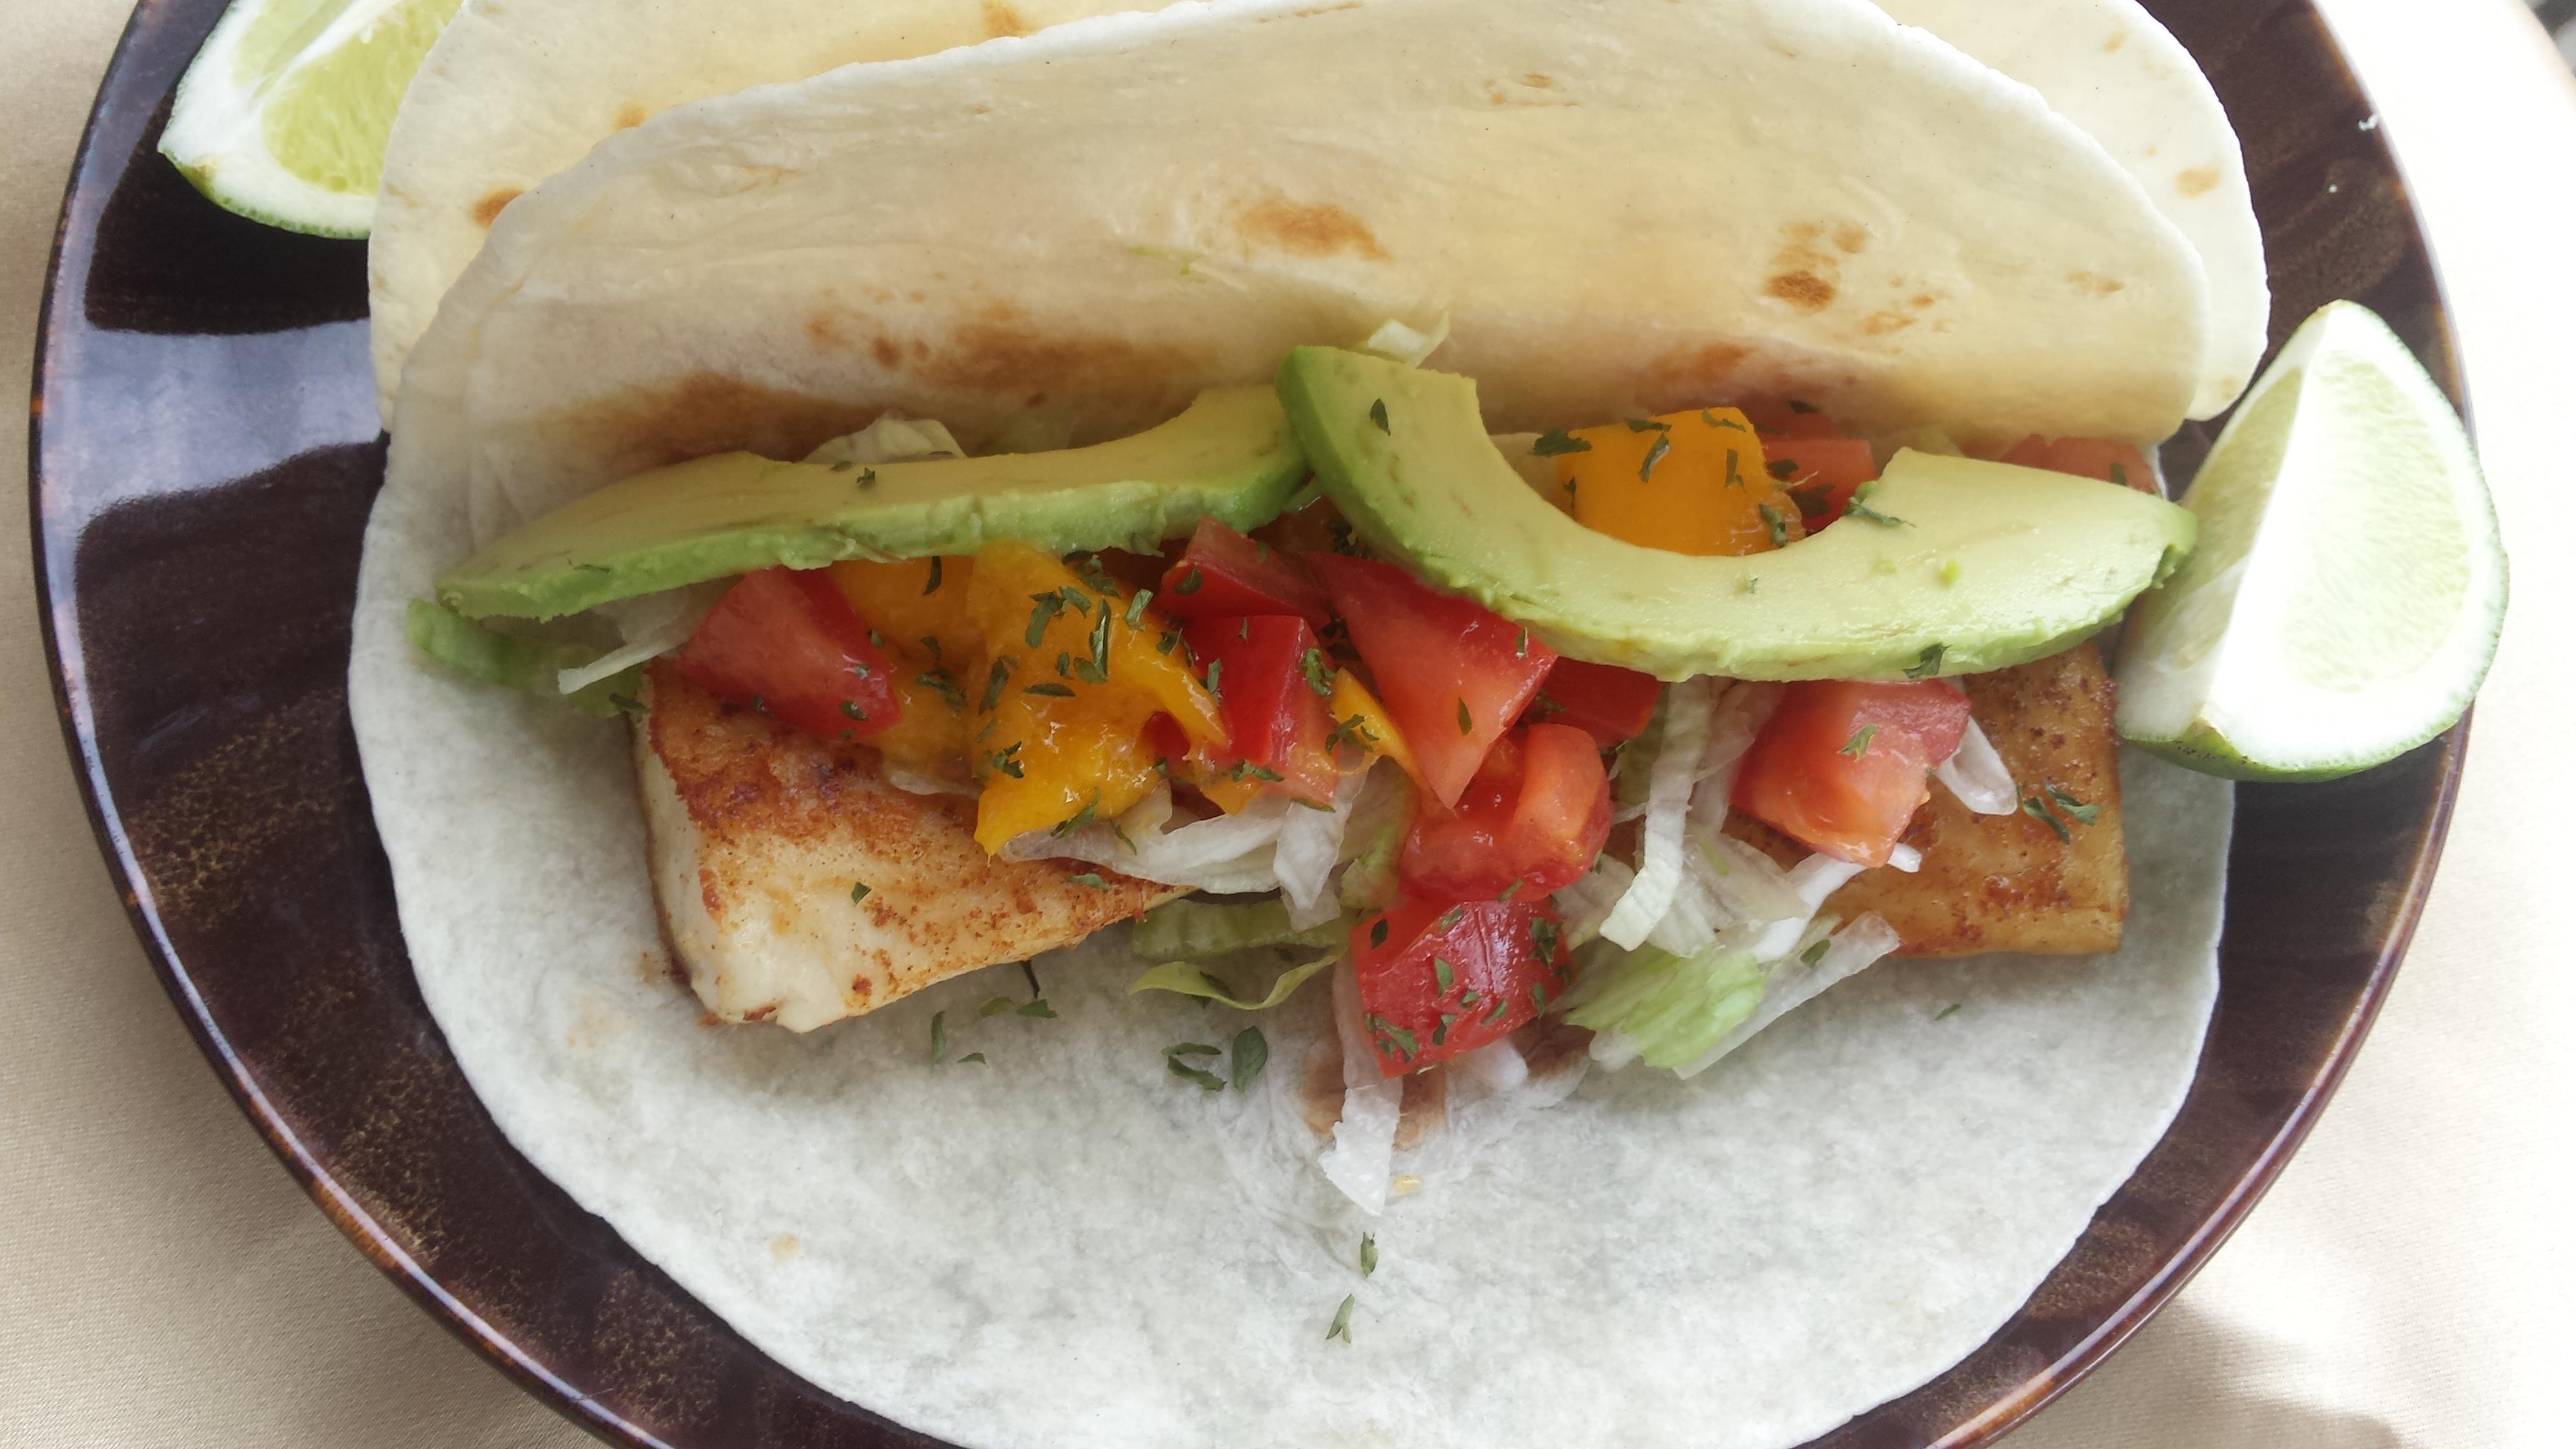 Fish Tacos from Reynolds Wrap® Liz Dalton 'Lizzie'